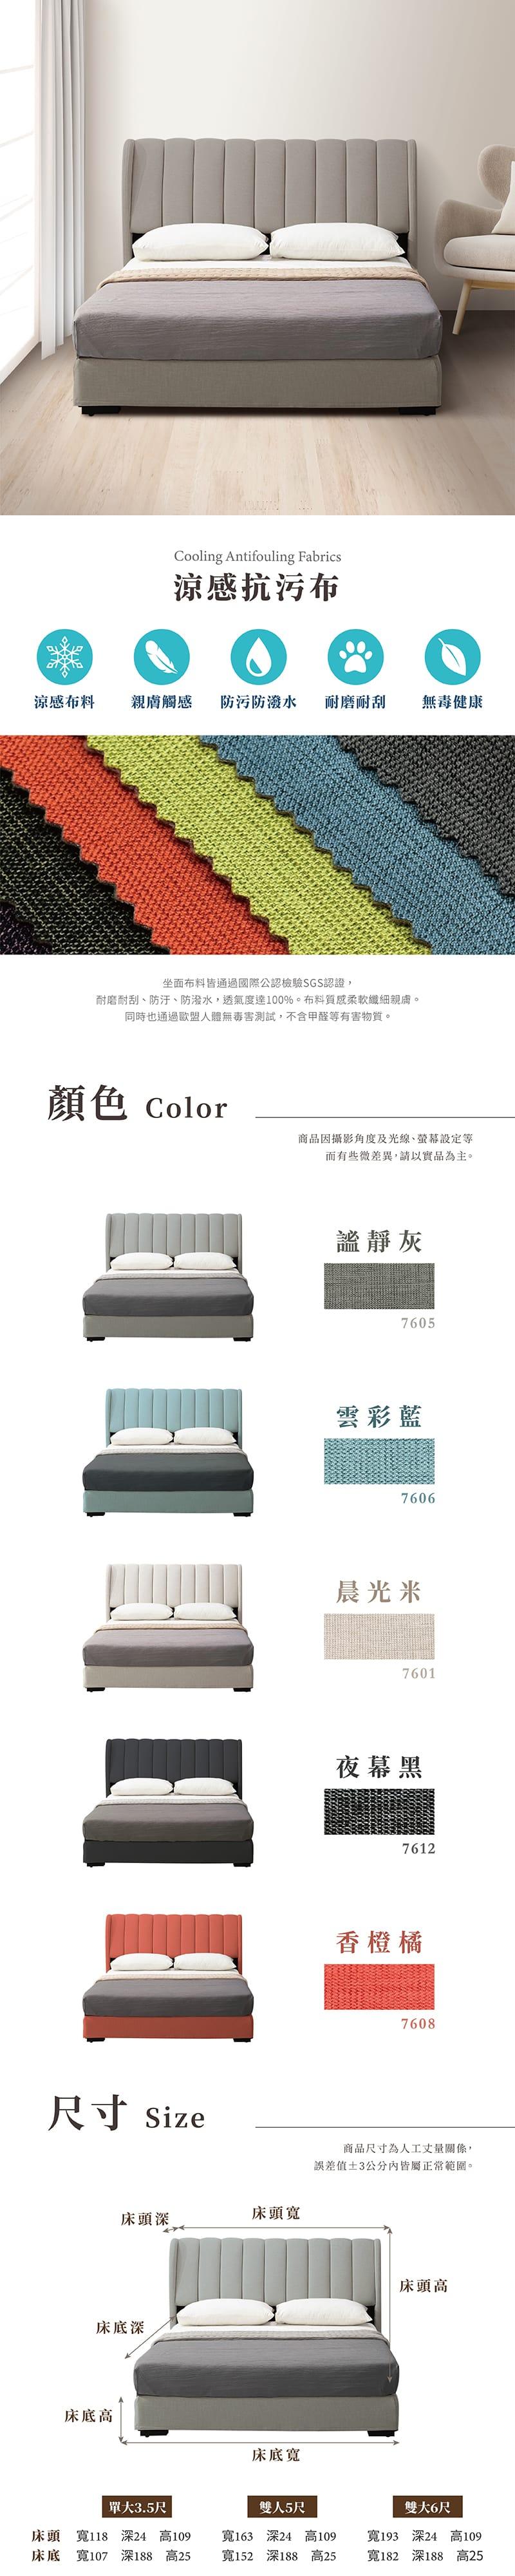 若拉 涼感布床組兩件 單人加大3.5尺(床頭片+床底)